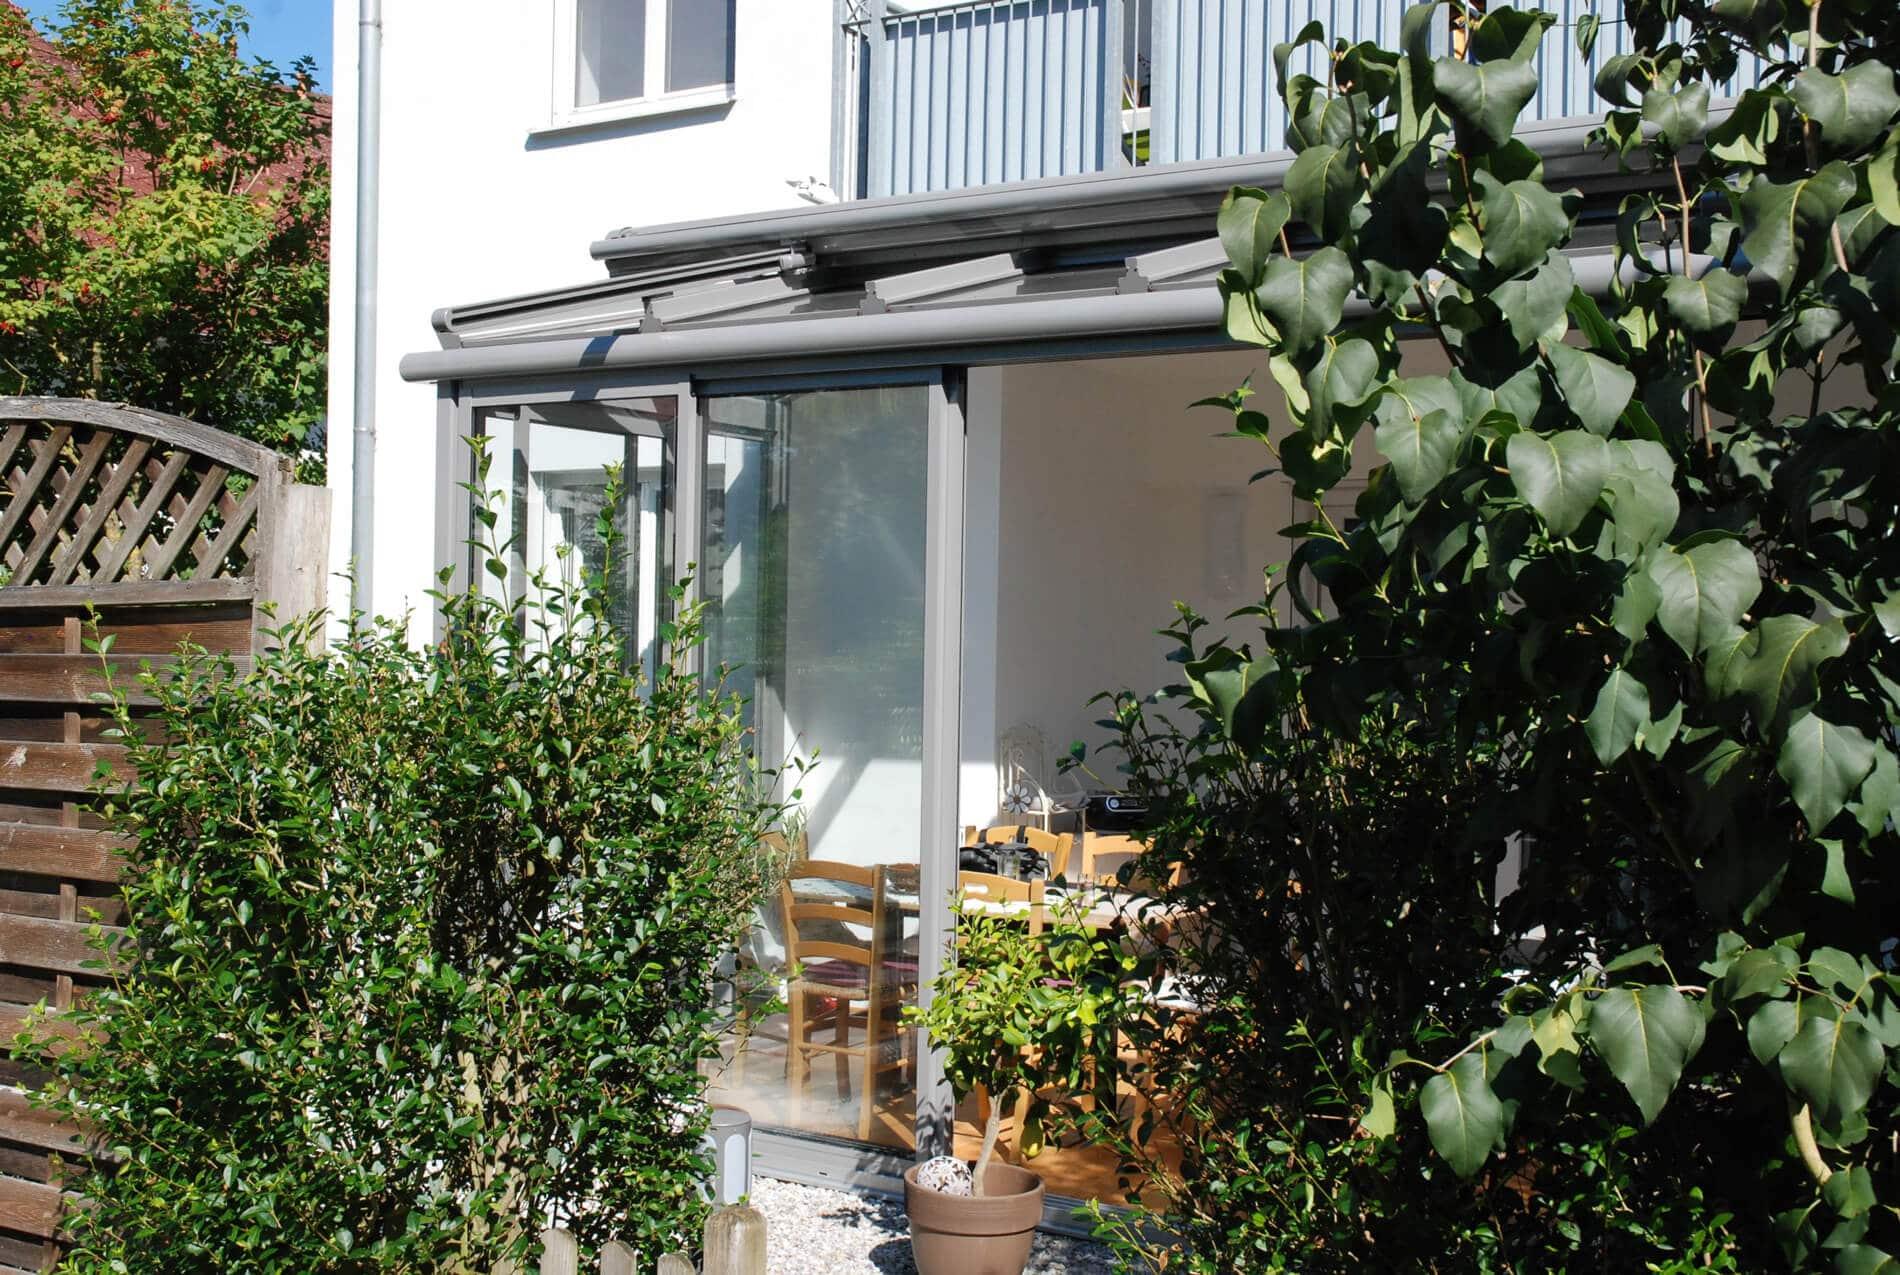 Sommergarten Alu RAL 9006 graualuminium und Schiebewände - inkl. Beschattung für Außen